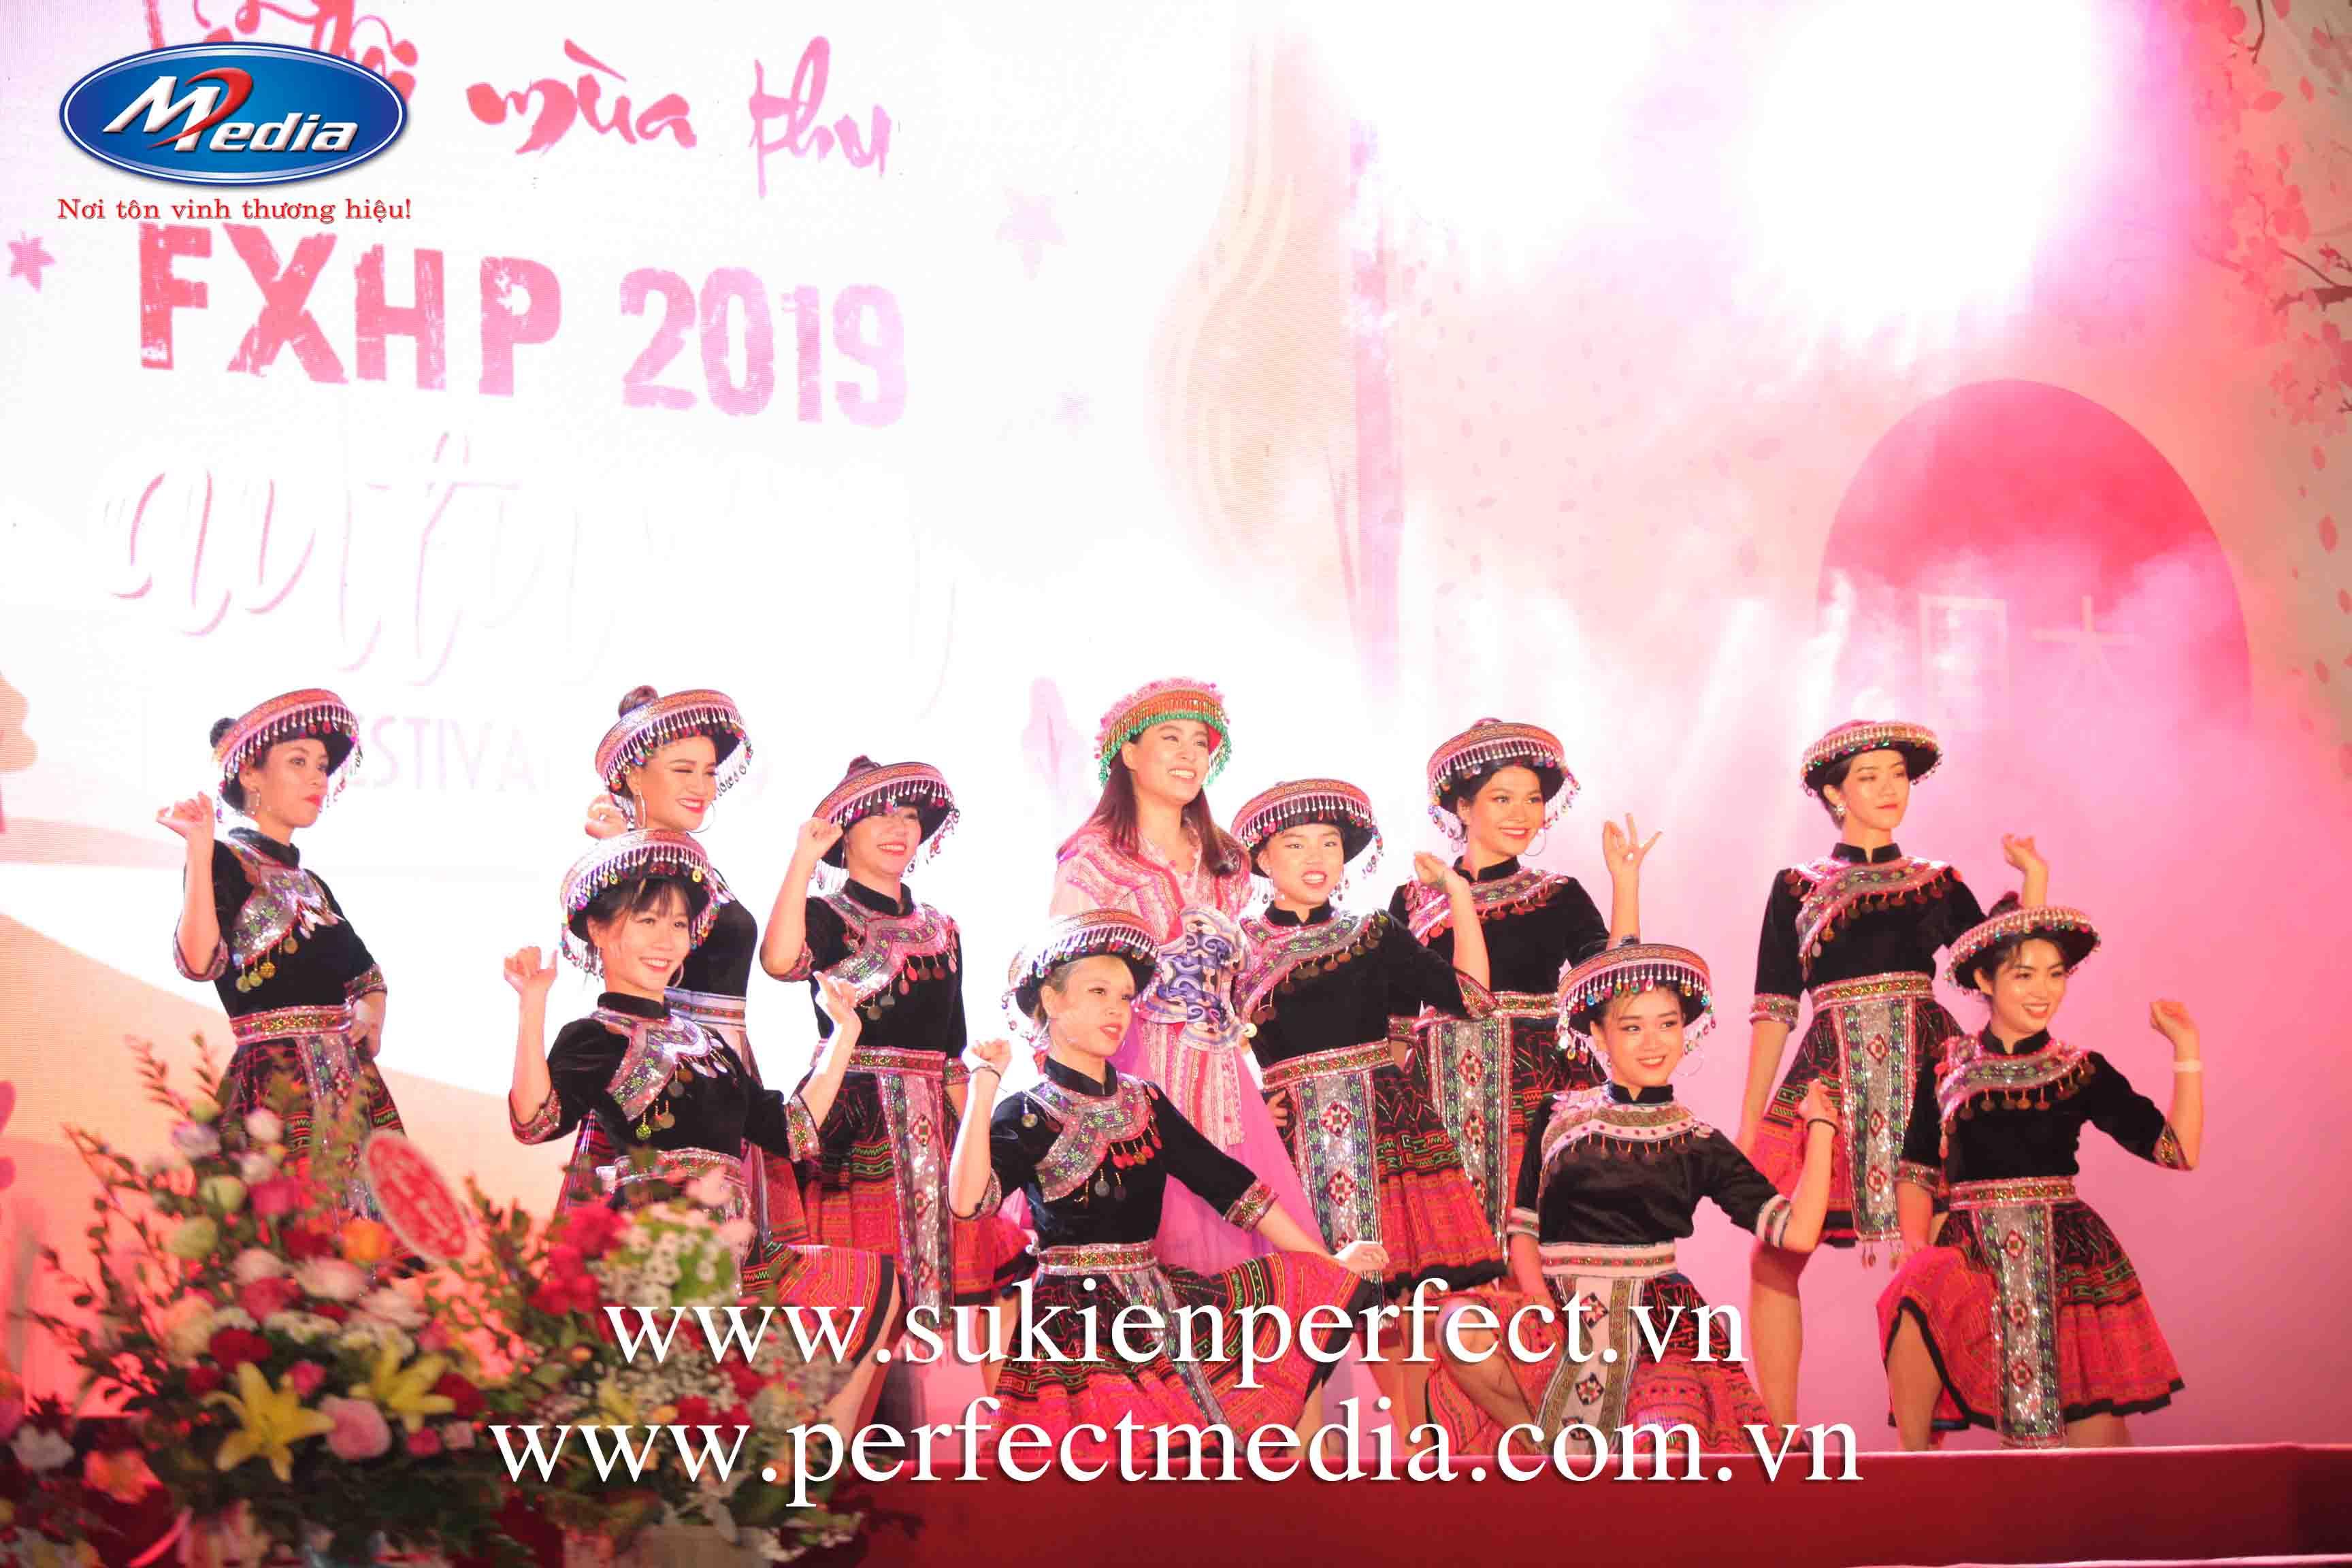 Ngày Hội Gia Đình - Festival tại Hưng Yên